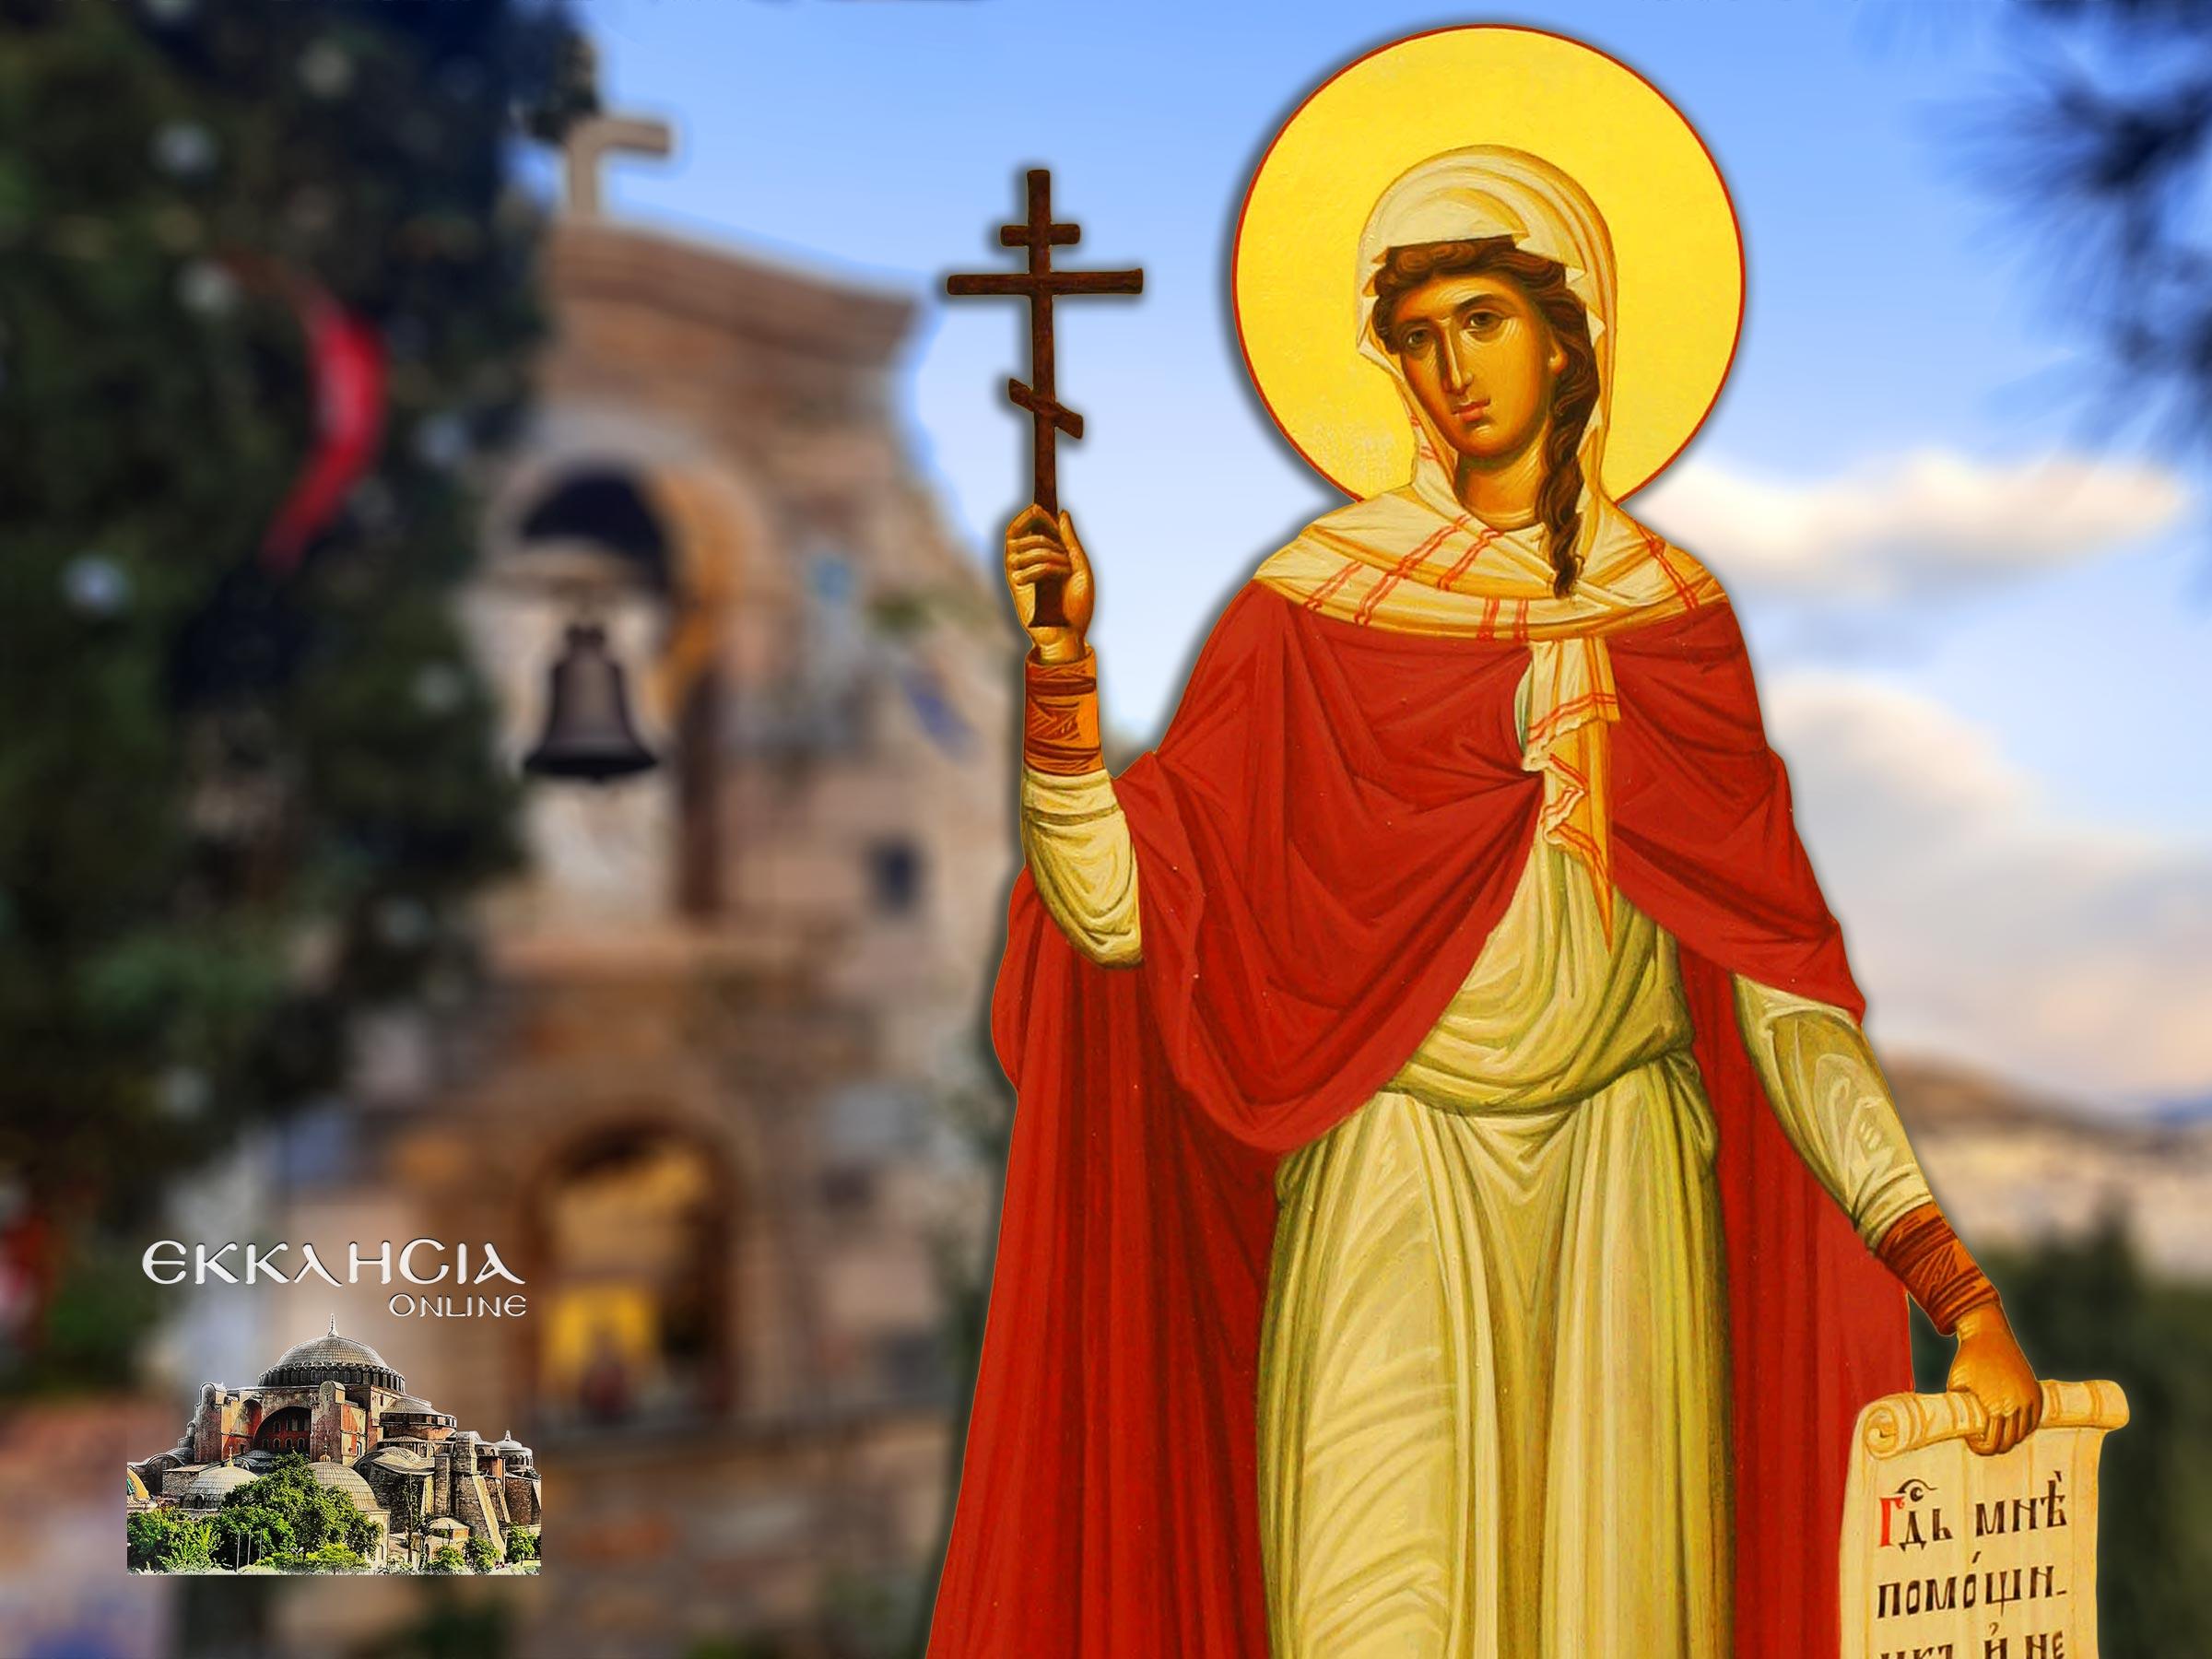 Αγία Φωτεινή Σαμαρείτιδα 26 Φεβρουαρίου